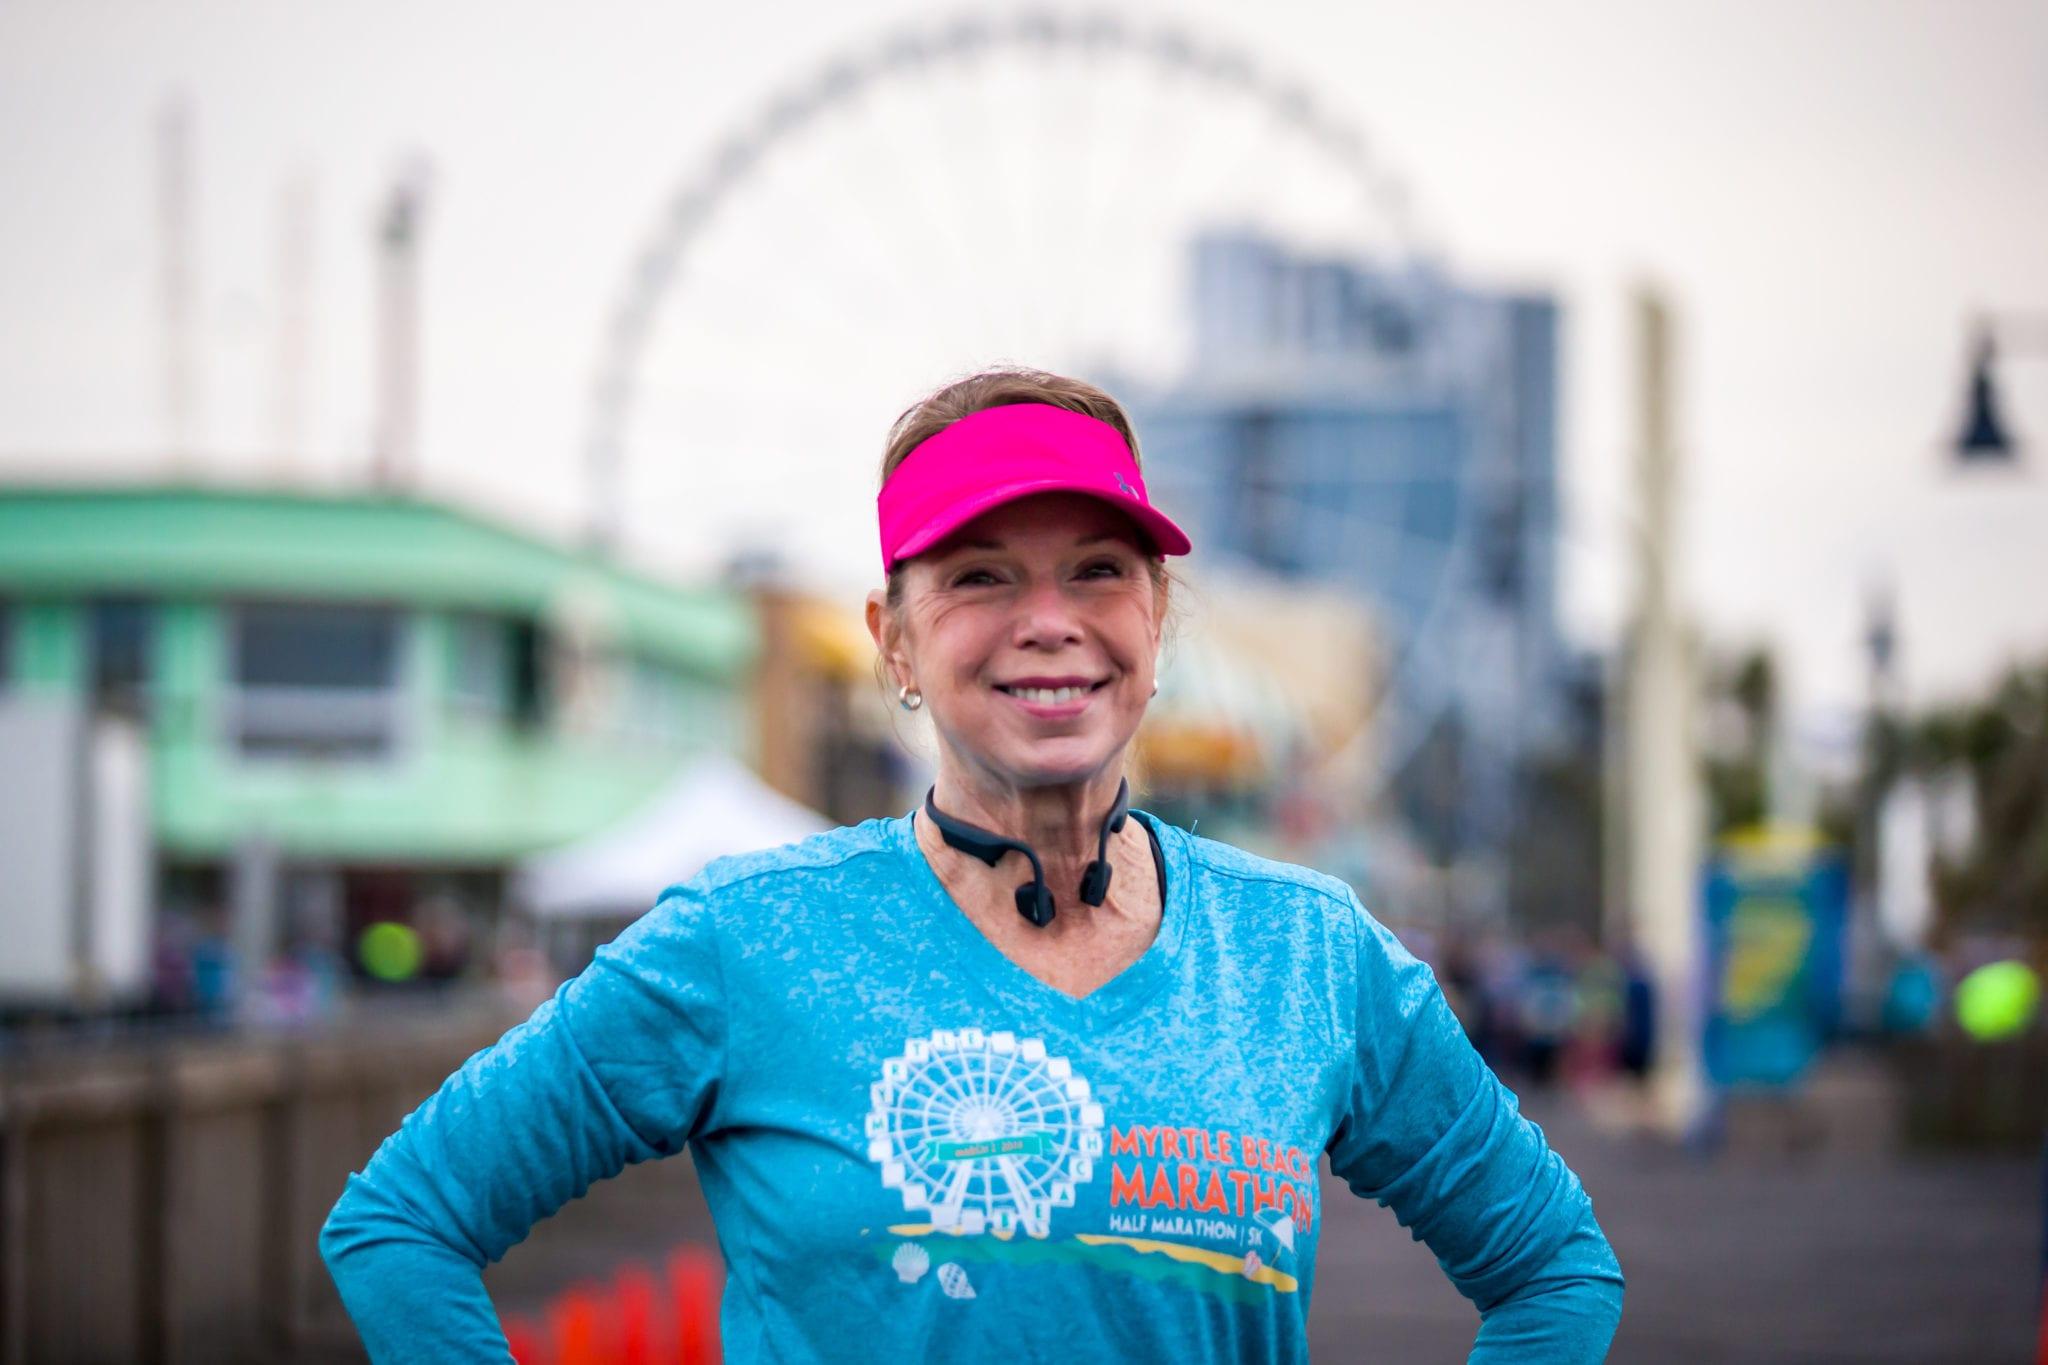 Myrtle Beach marathon runner